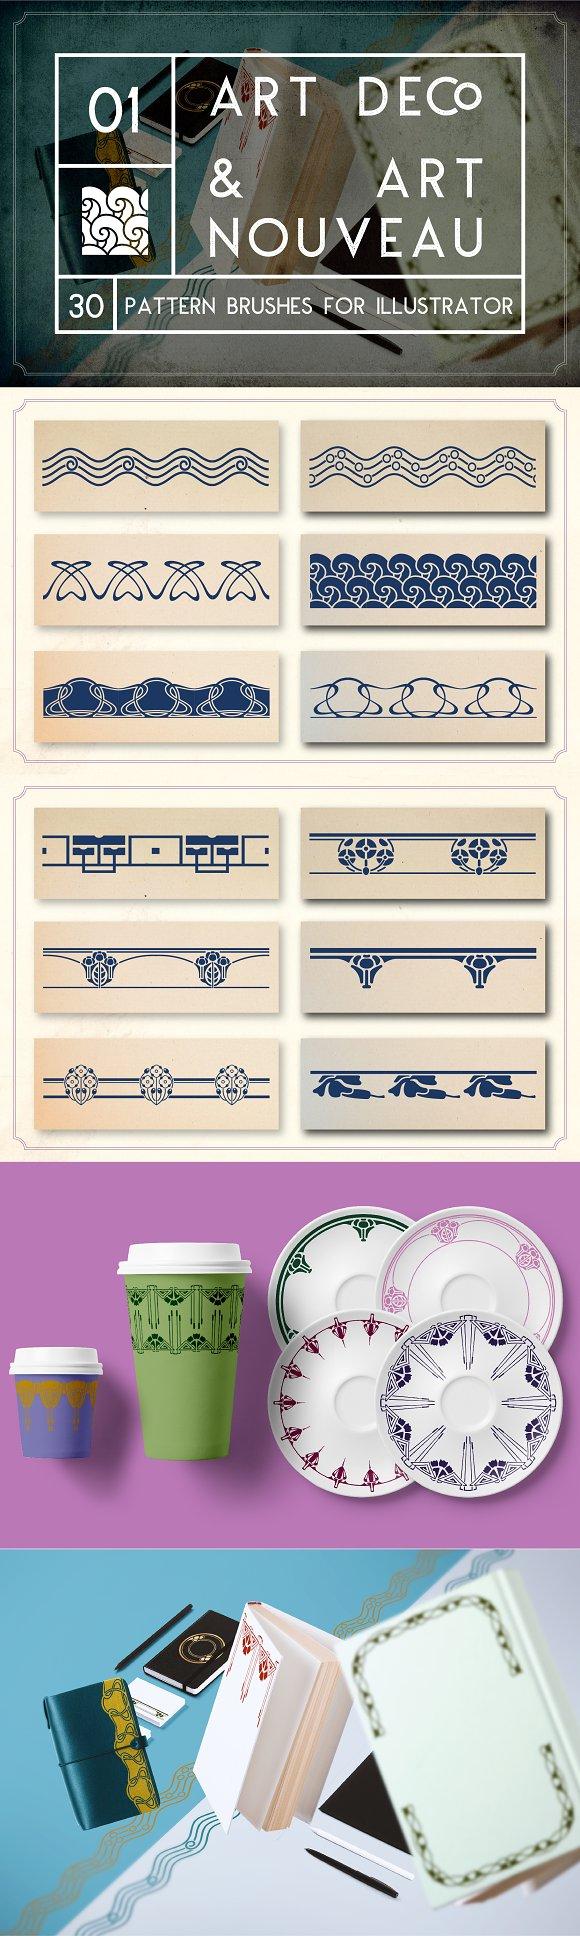 Art Deco Art Nouveau Brushes